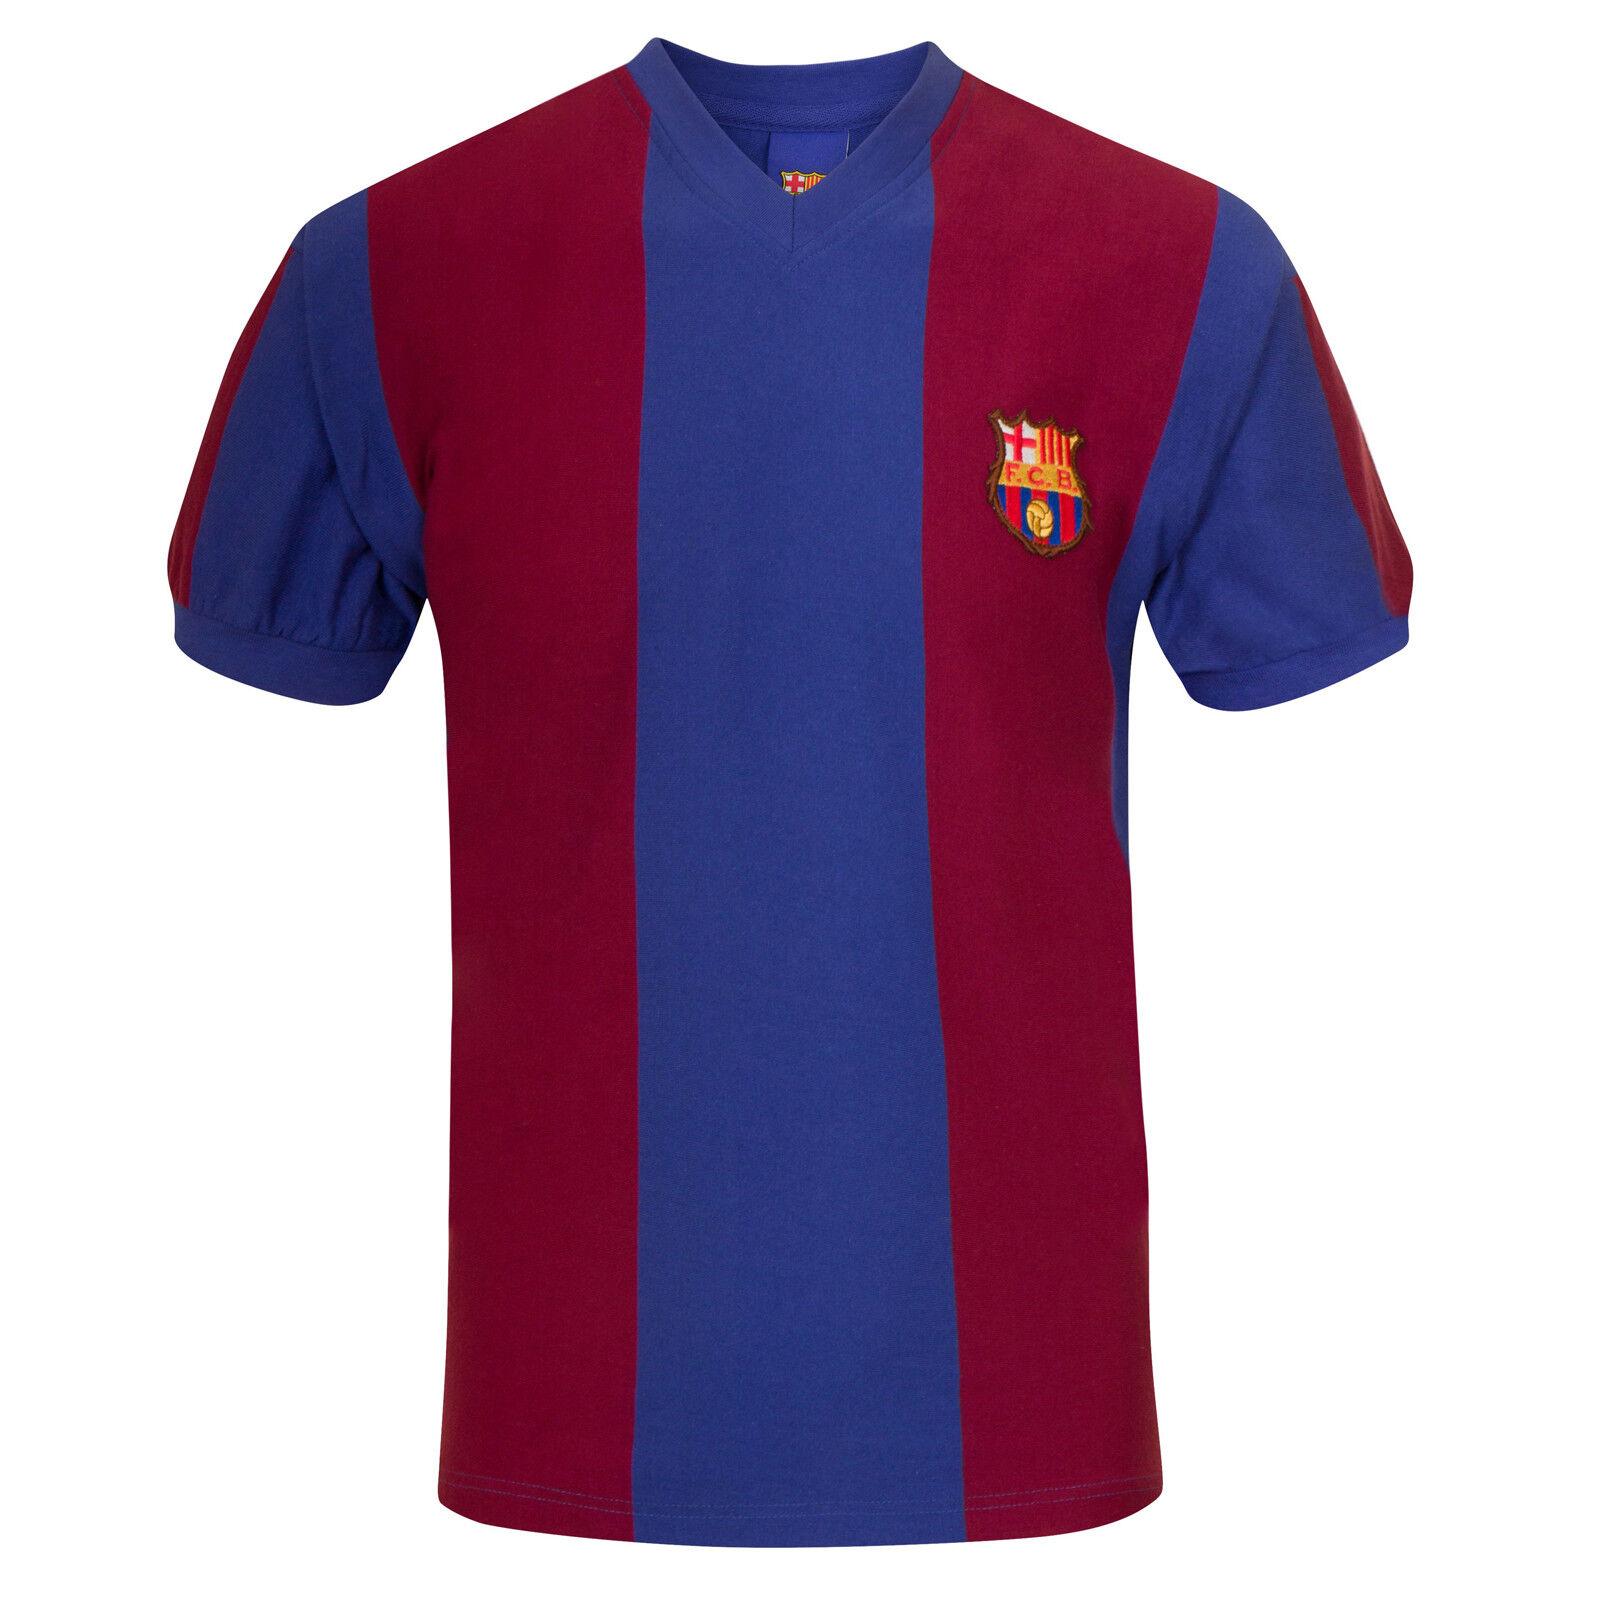 FC Barcelona Official Soccer Gift Mens 1974 1979 Retro Home Kit Shirt